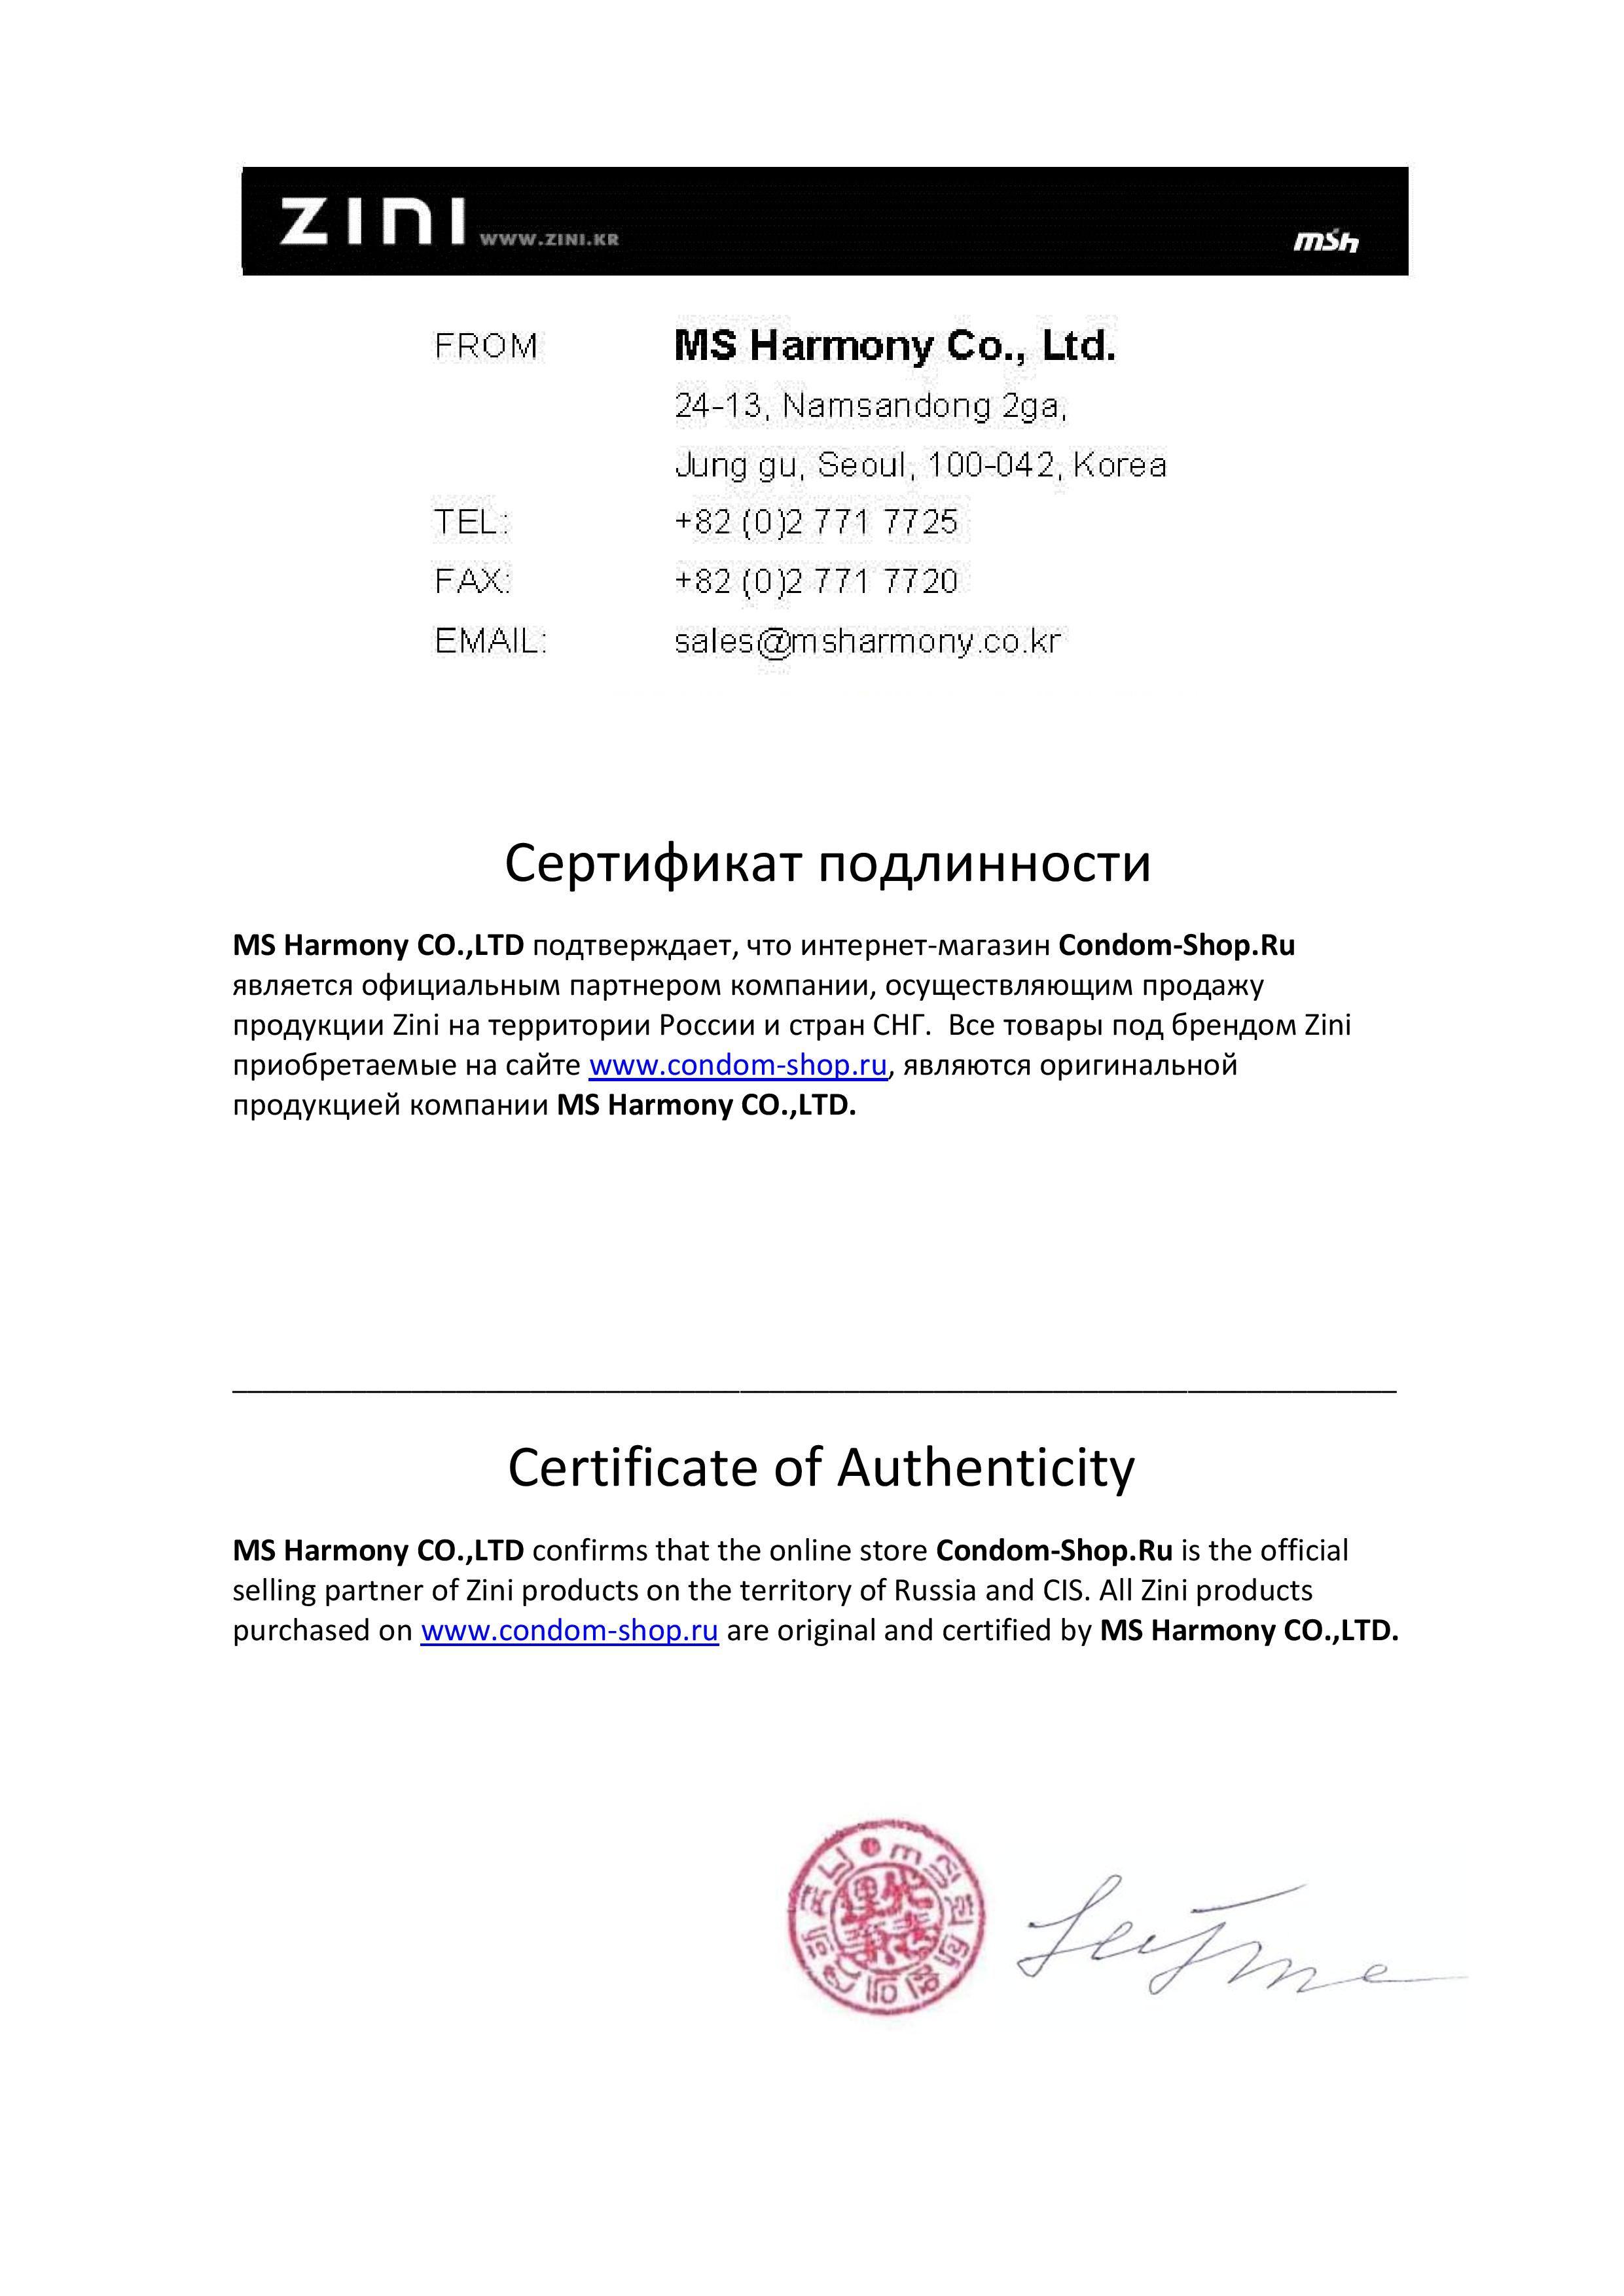 сертифицированные препараты от паразитов